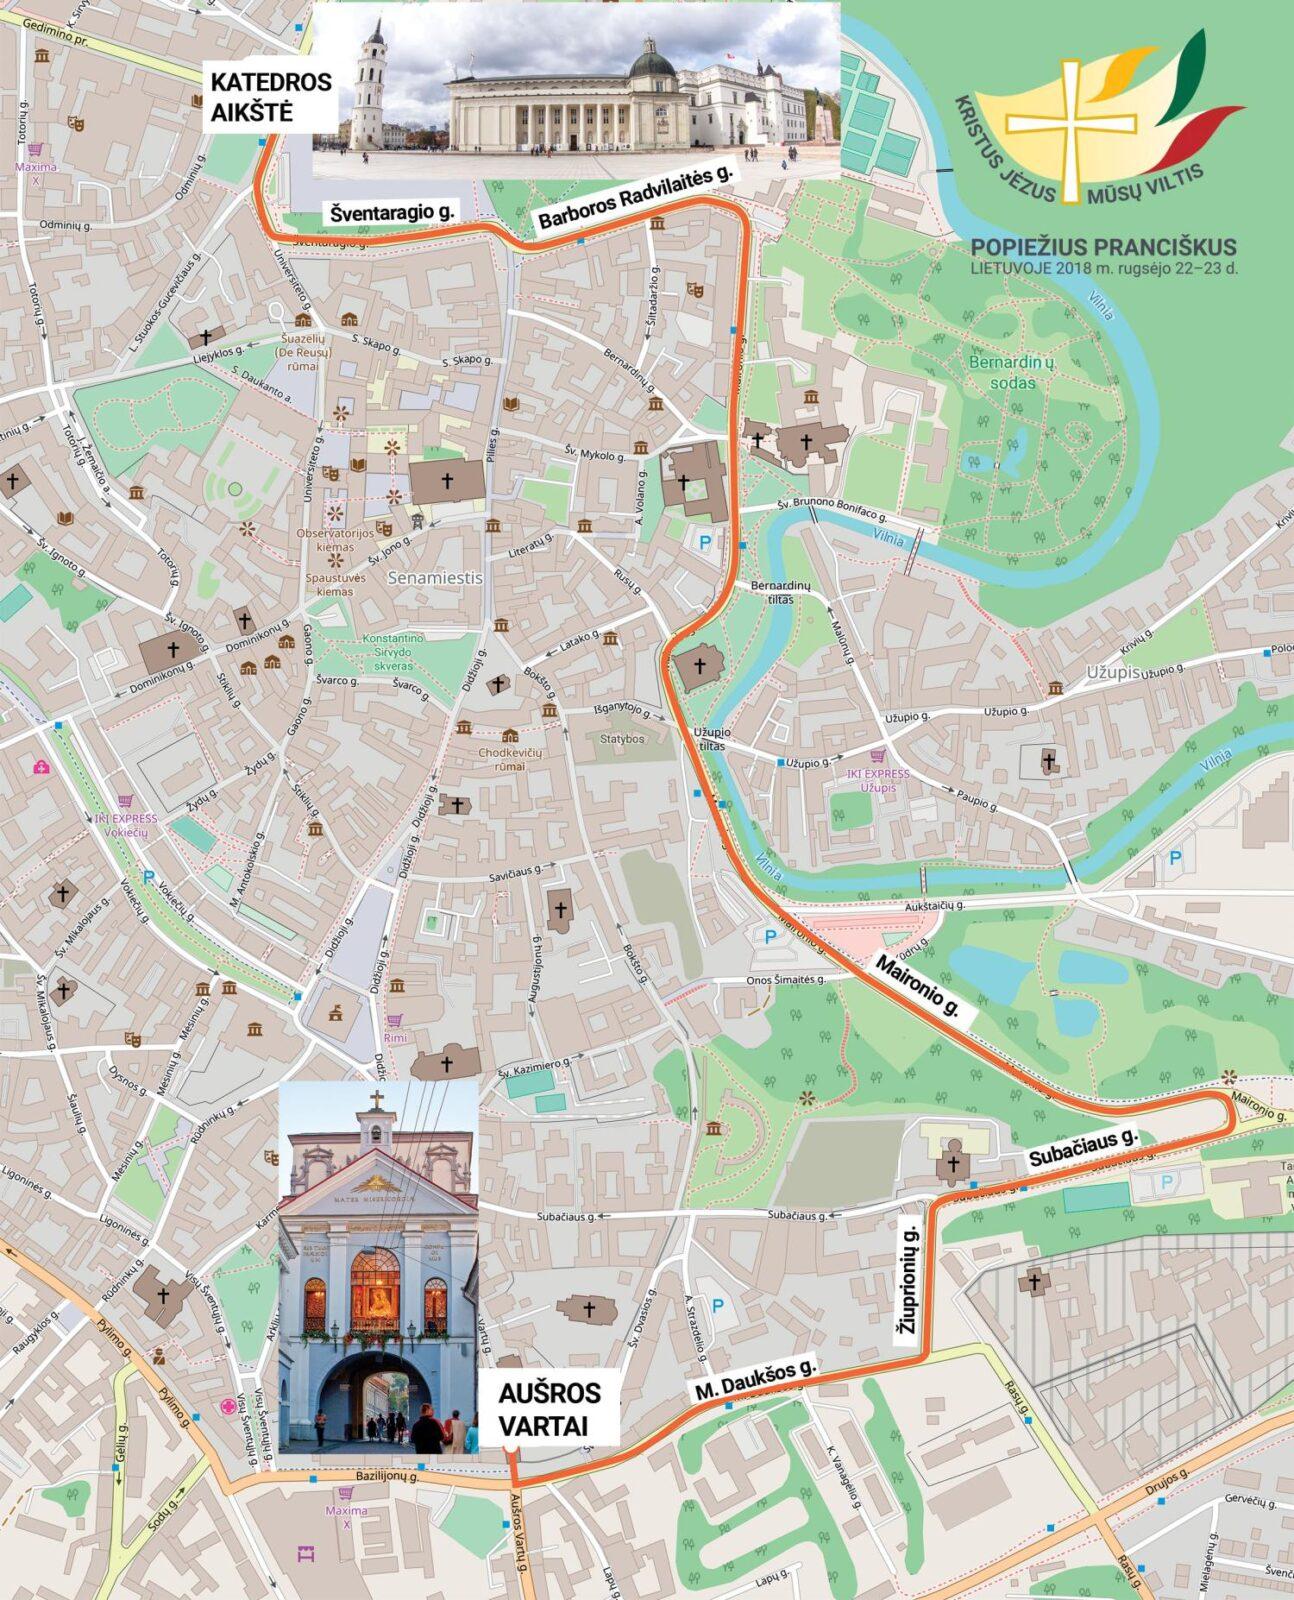 Baltijos kelio dieną – apie kelius, kuriuose Lietuvos žmonės sutiks popiežių Pranciškų